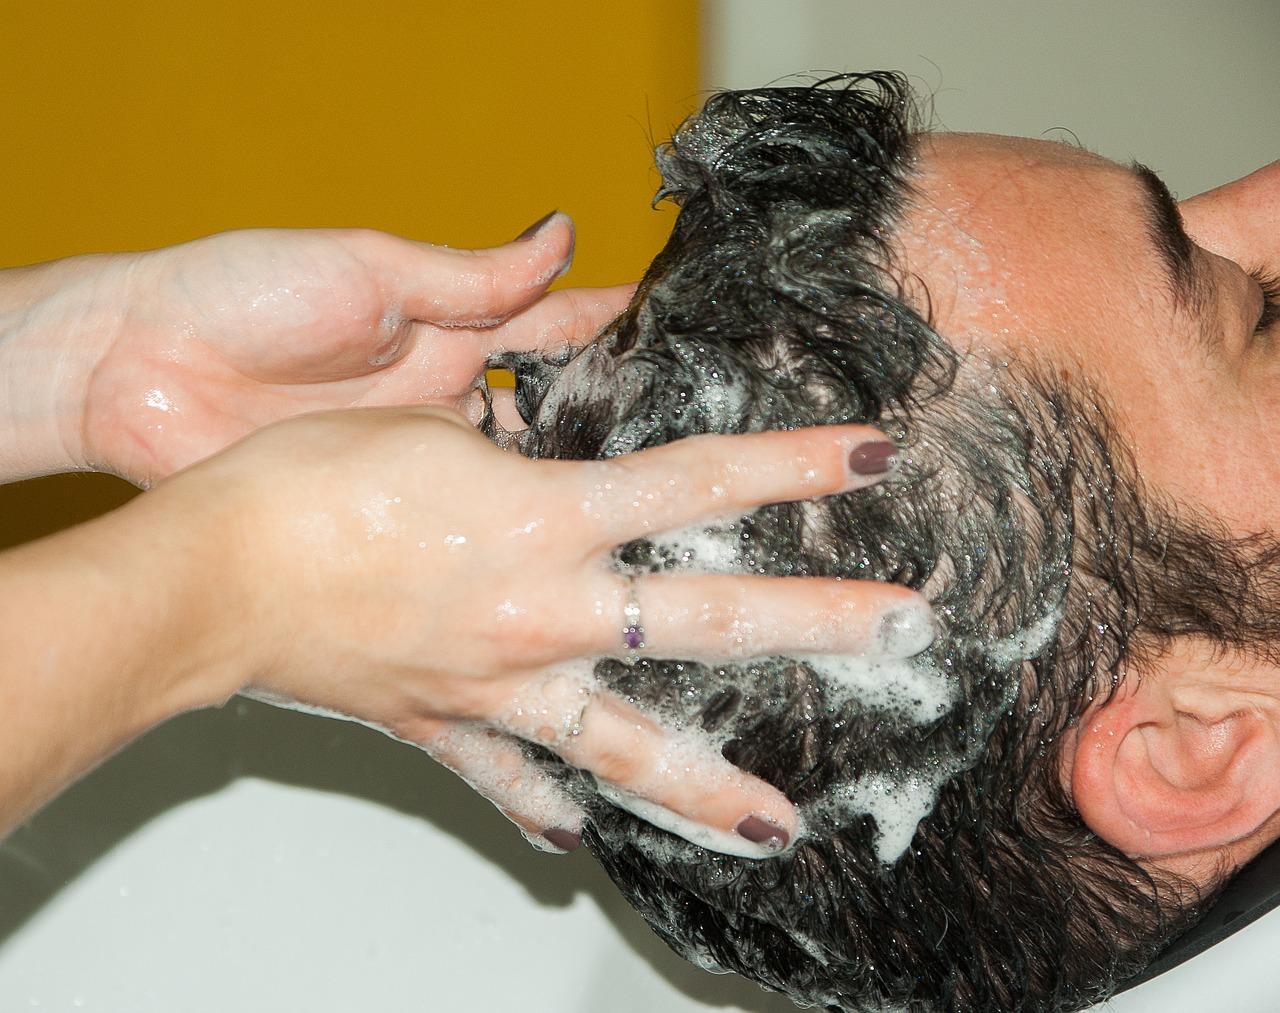 hatékony krémek pikkelysömörhöz hogyan lehet enyhíteni a fej viszketését pikkelysömörrel